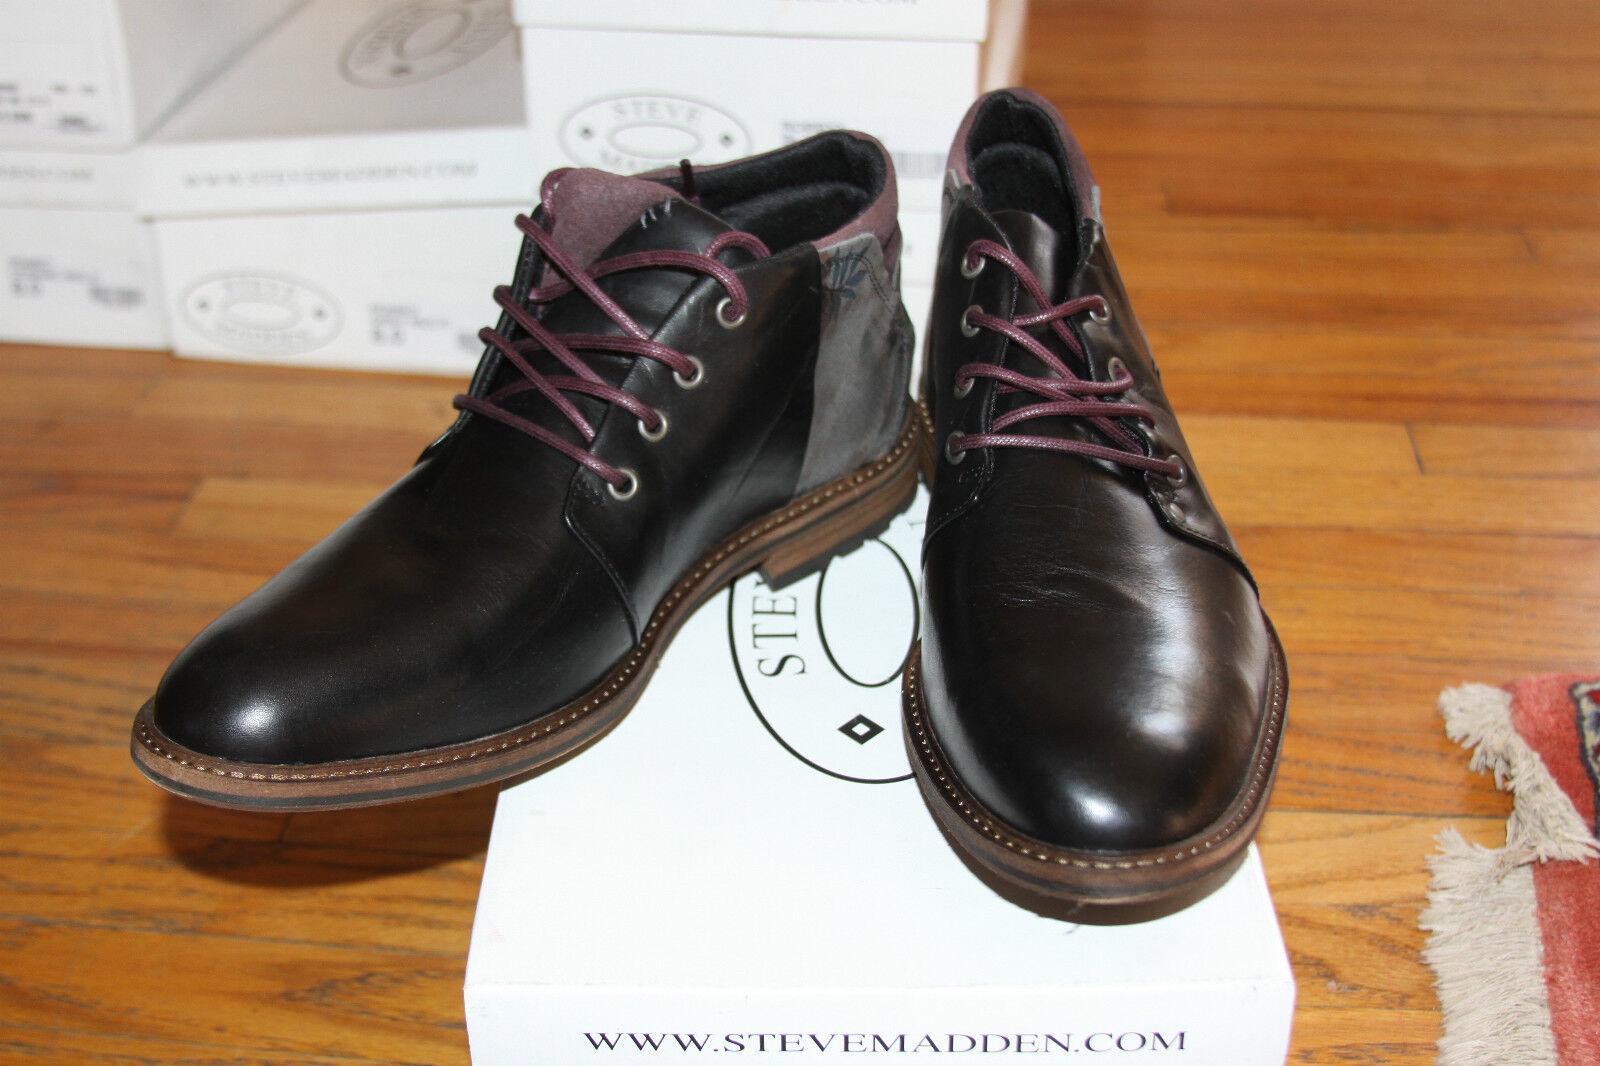 consegna diretta e rapida in fabbrica STEVE MADDEN ROBBYY nero MULTI uomo scarpe scarpe scarpe SZ 8  ottima selezione e consegna rapida